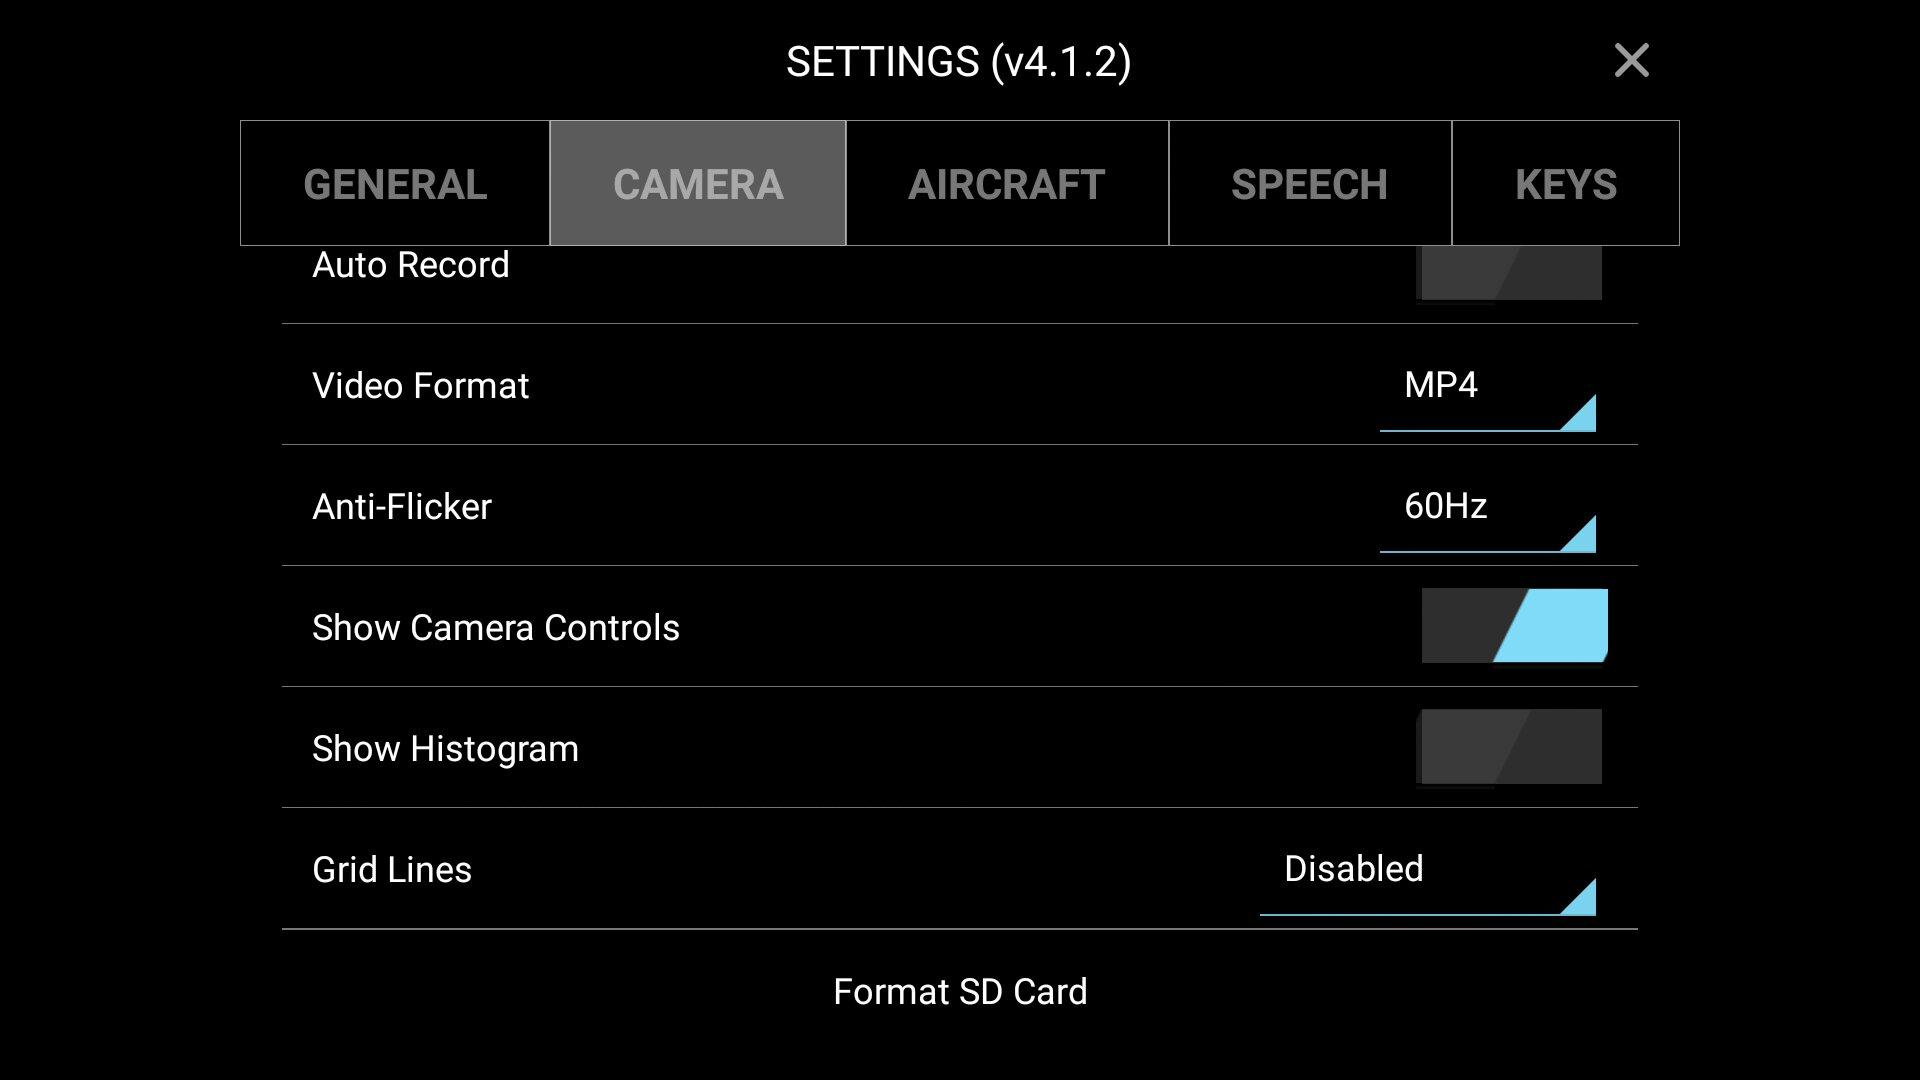 Problems with litchi app | DJI Phantom Drone Forum